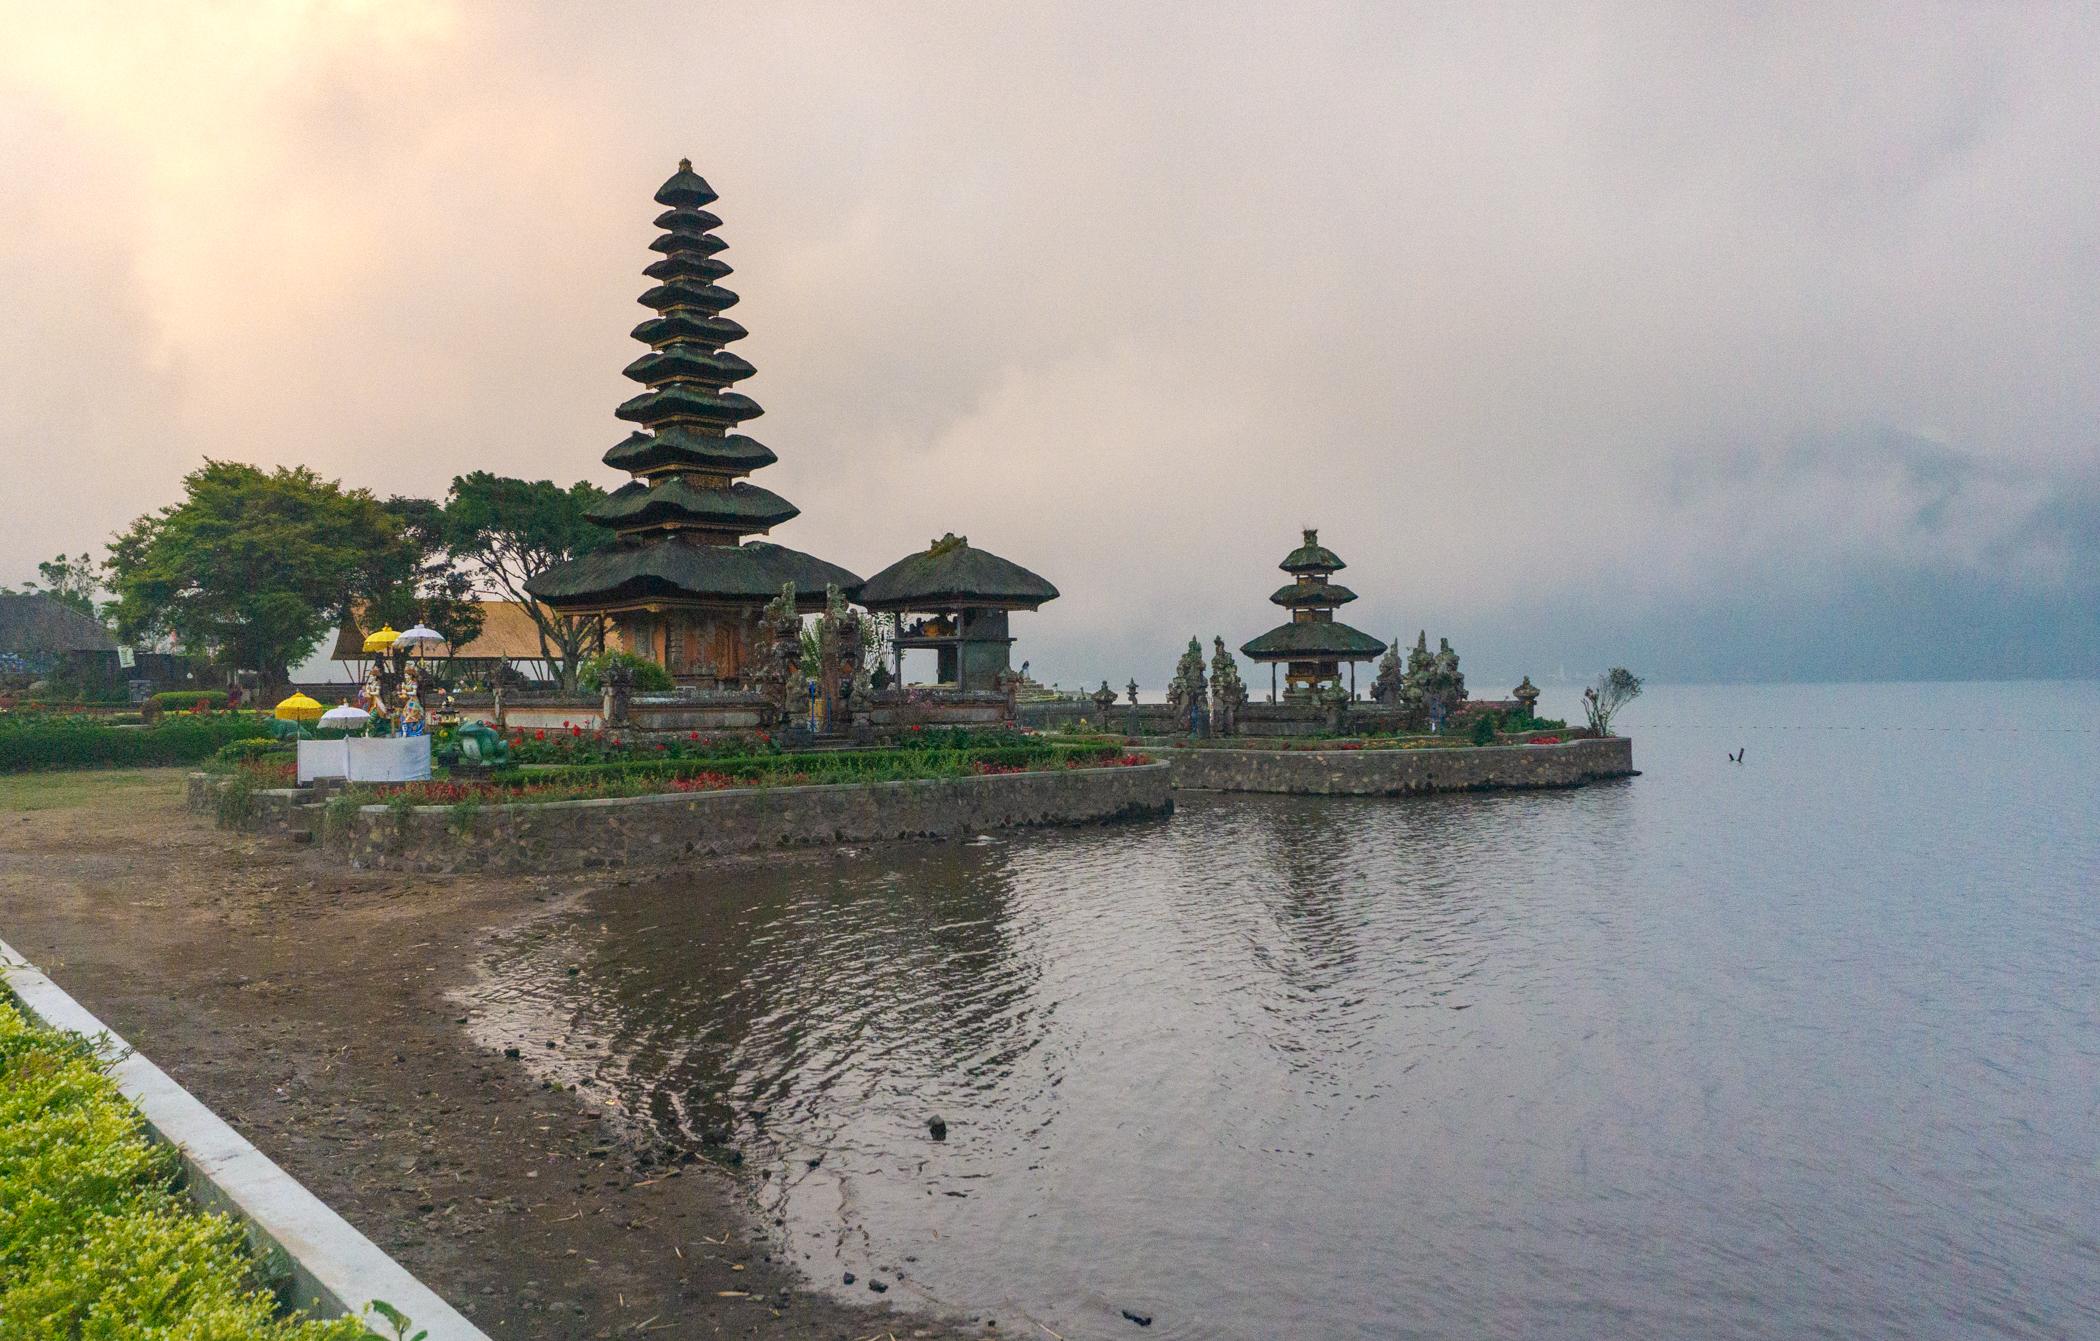 Ulun Dano Lake Temple